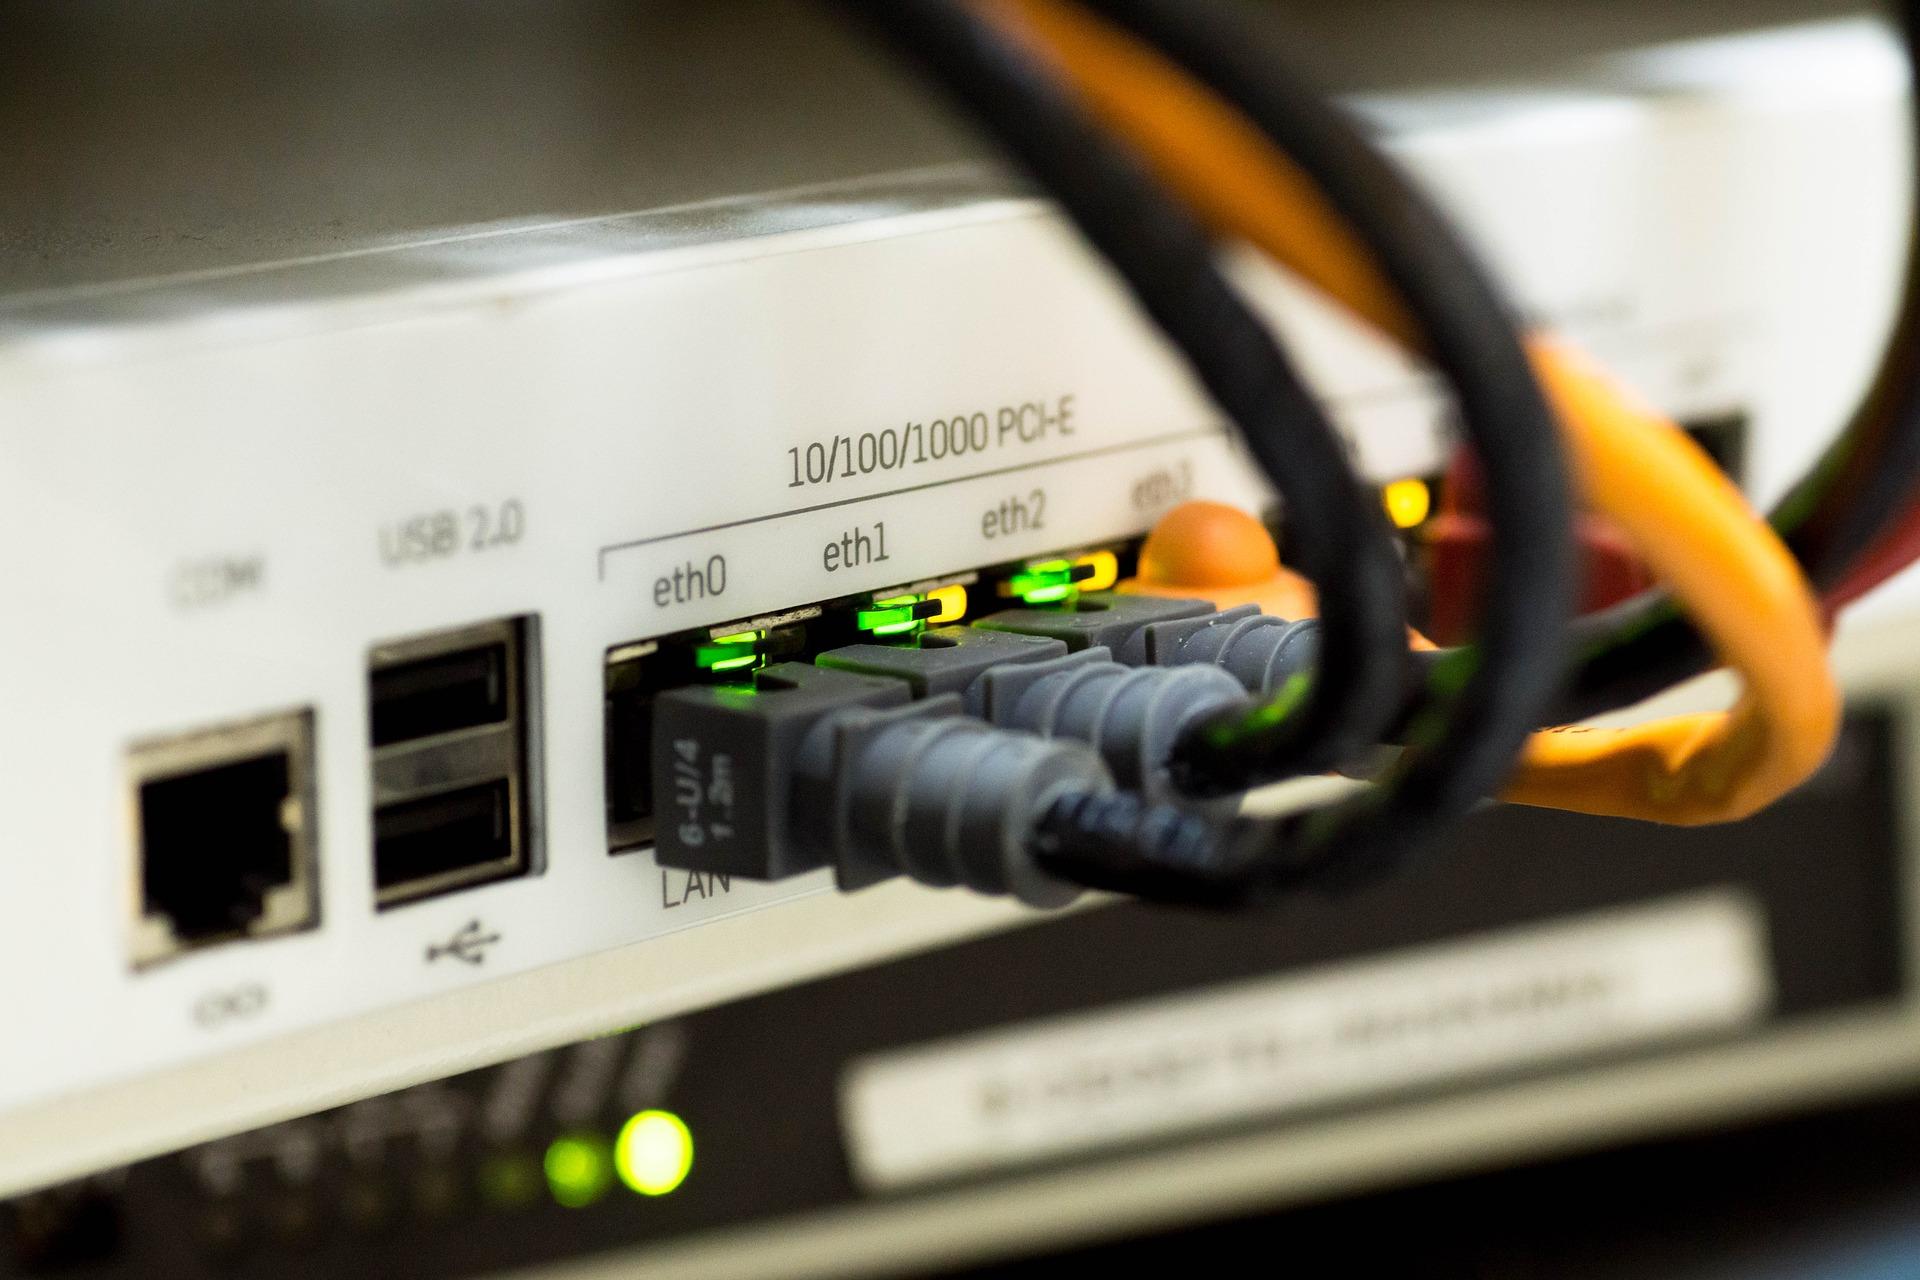 Ciscoルーターによるネットワーク構築